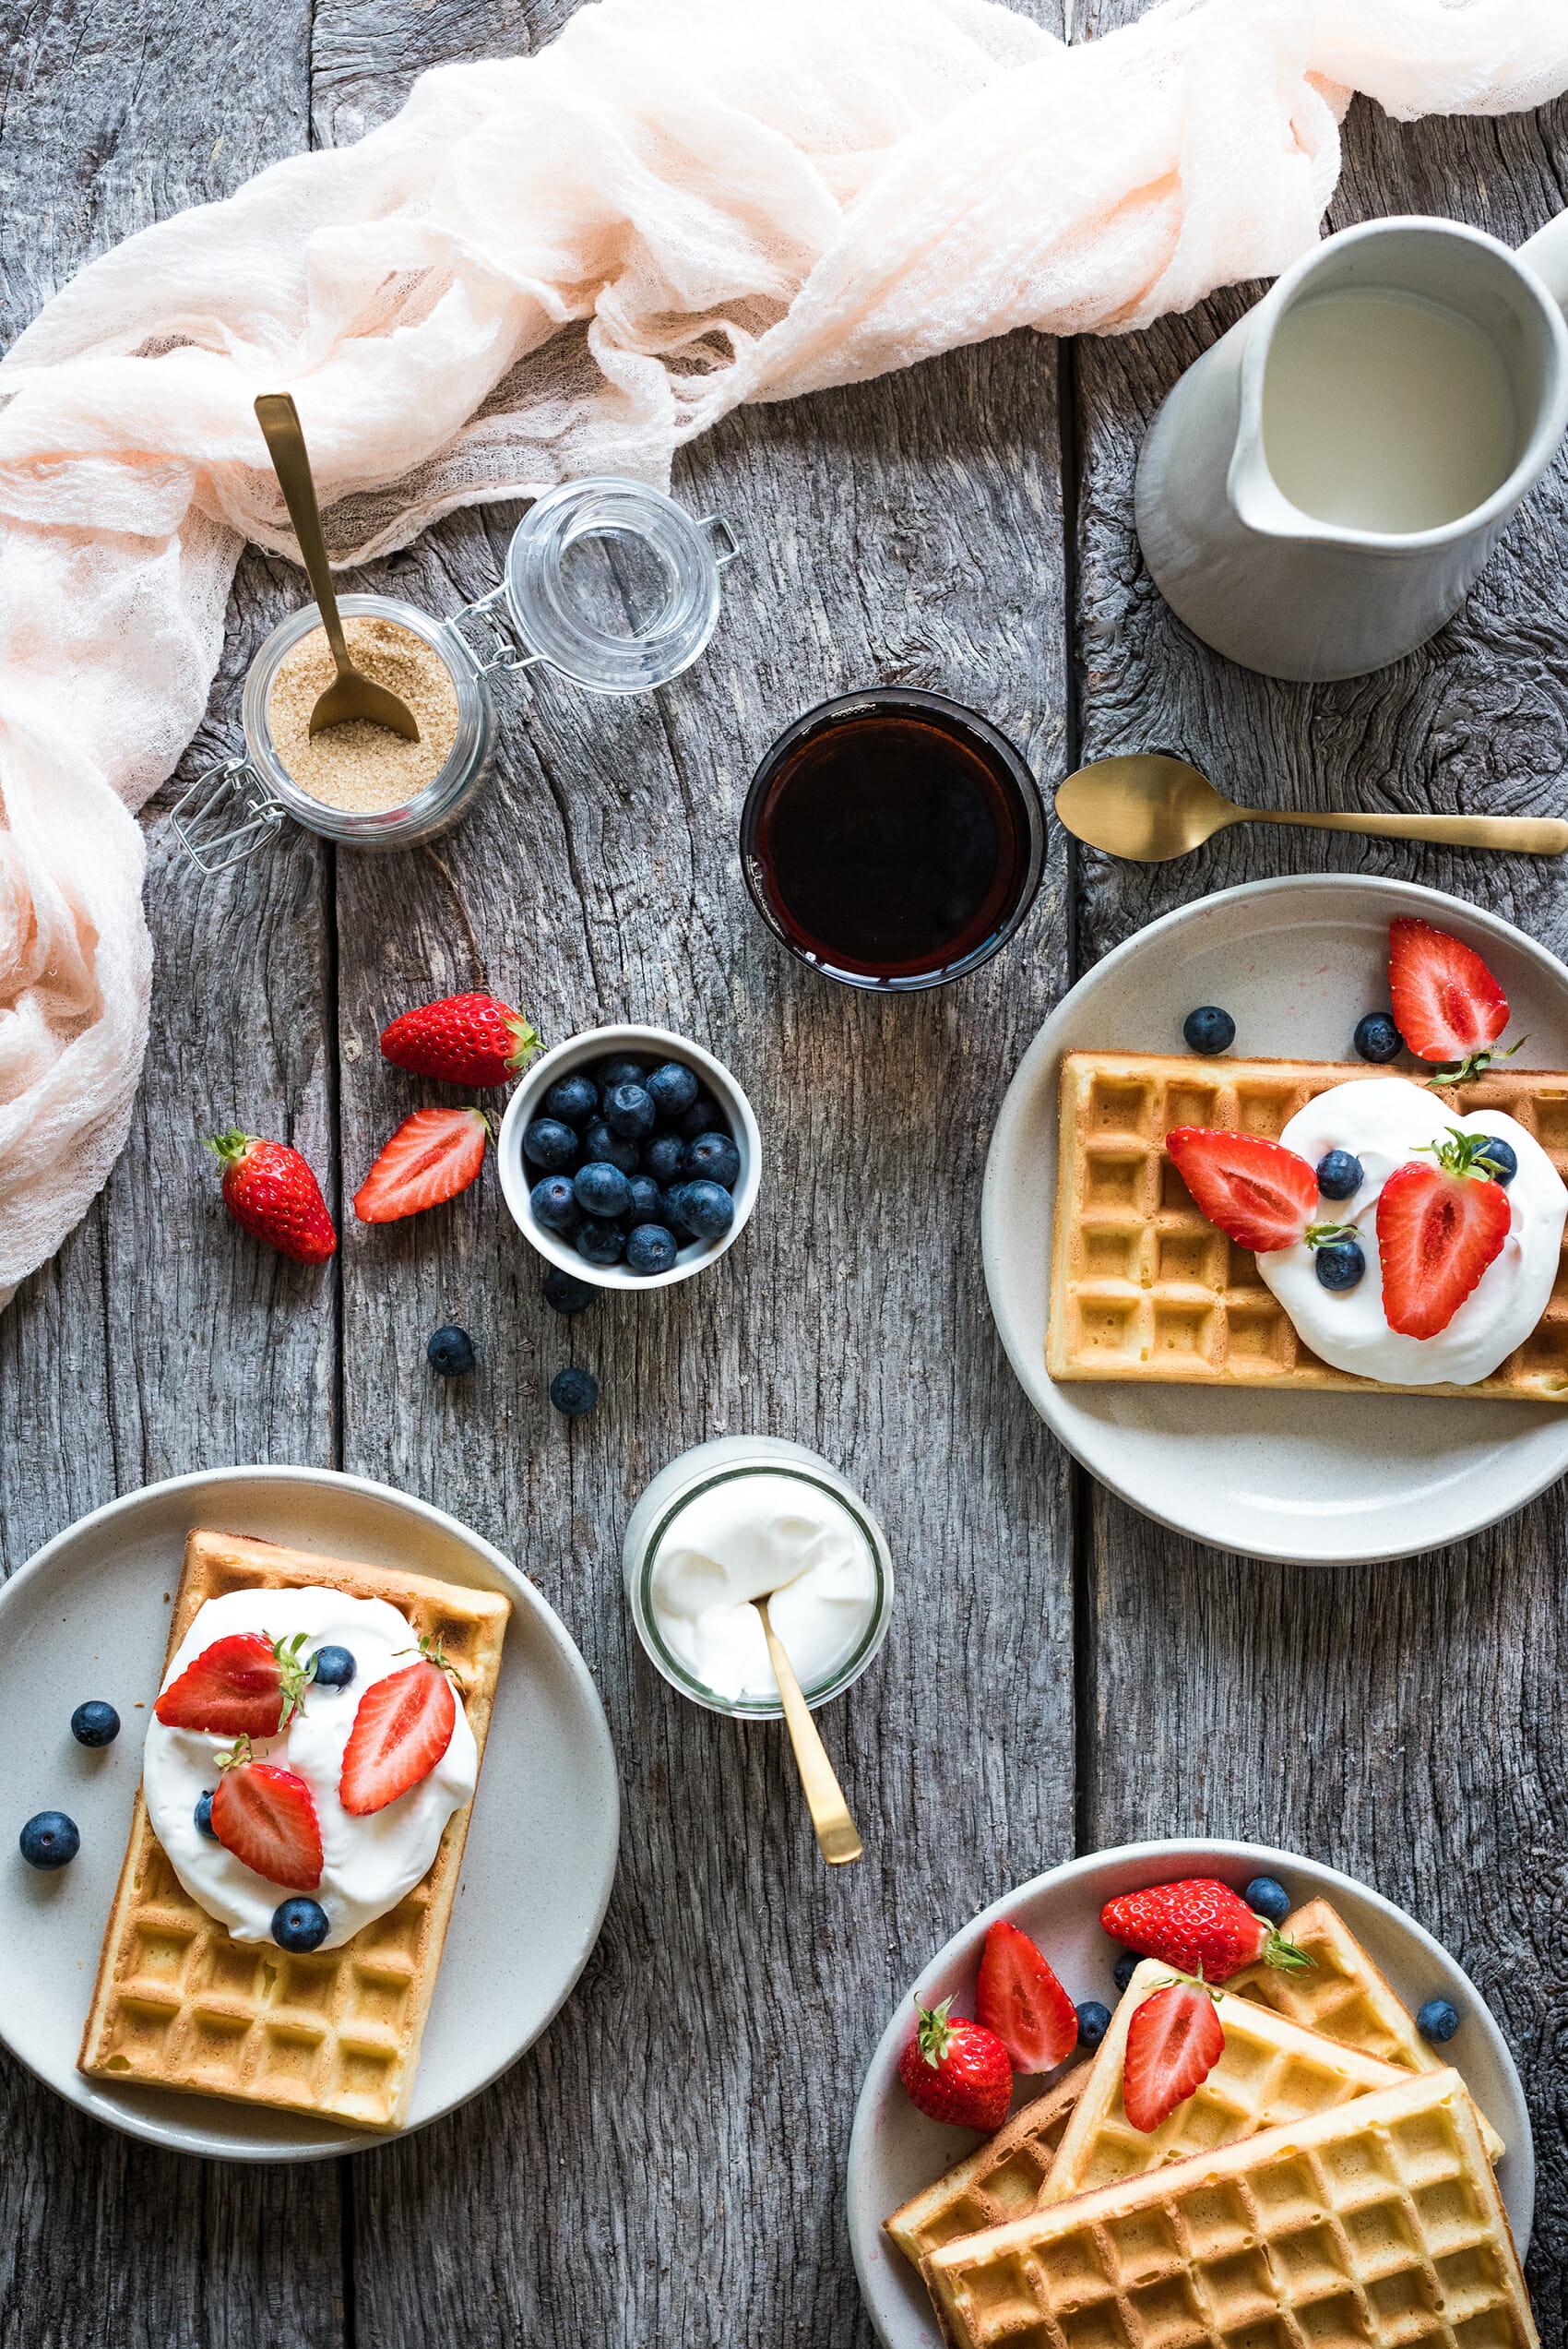 Gaufres de bruxelles crème fouettée fruits frais - Lilie Bakery